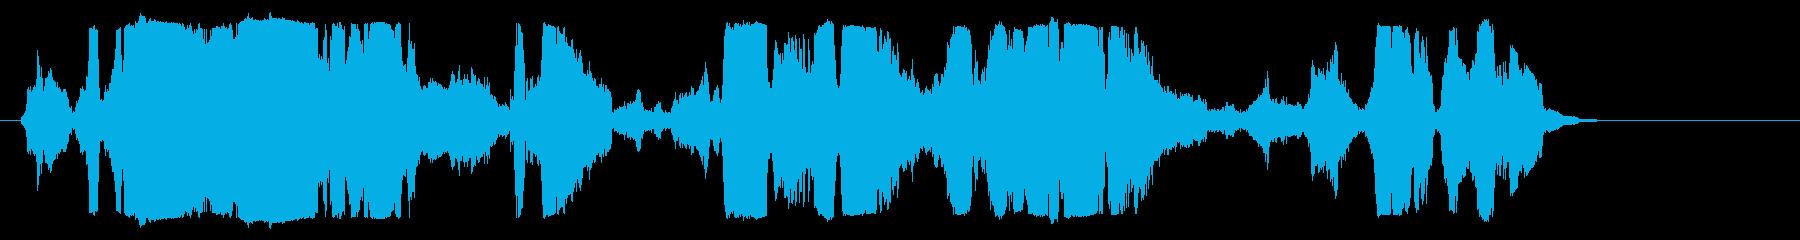 オートバイモトクロス; 125 C...の再生済みの波形